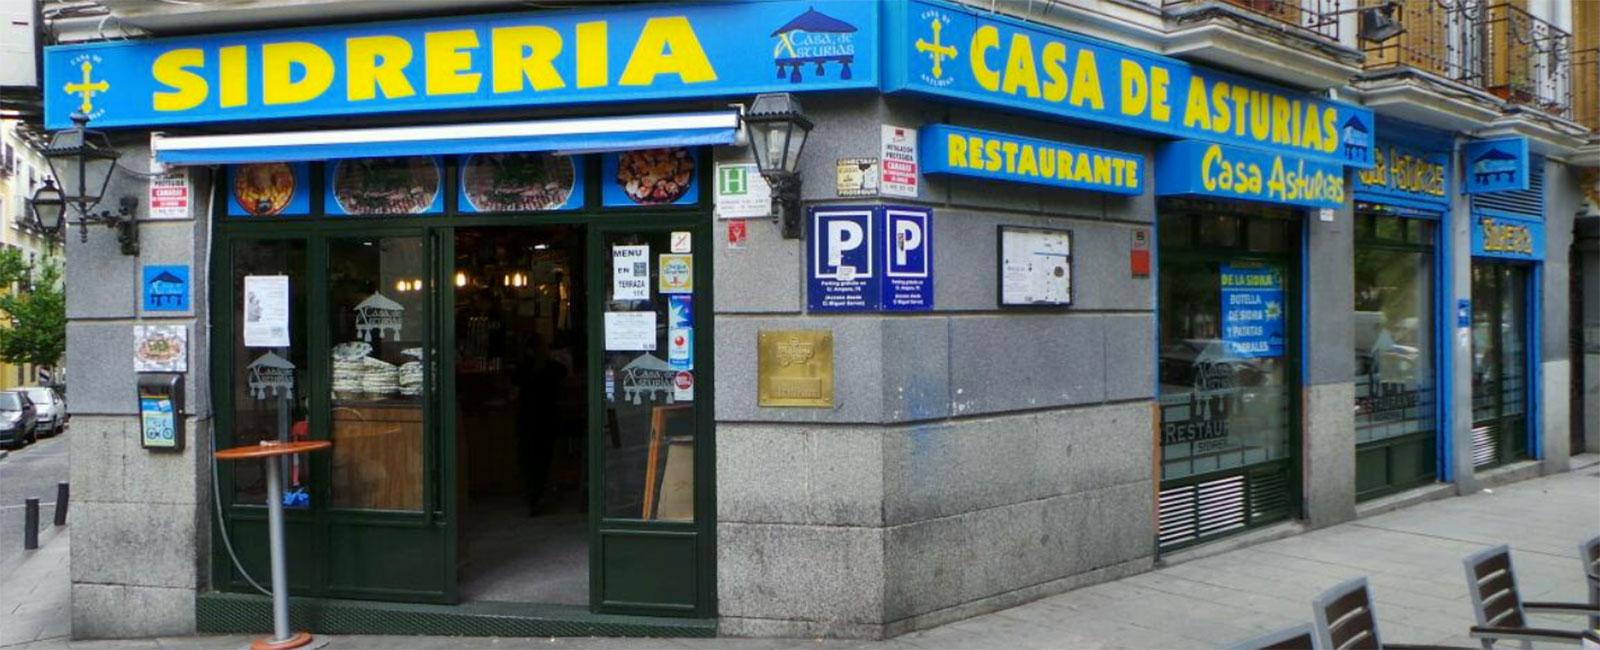 Restaurante asturiano en madrid la casa de asturias de lavapies - Casa de asturias madrid ...